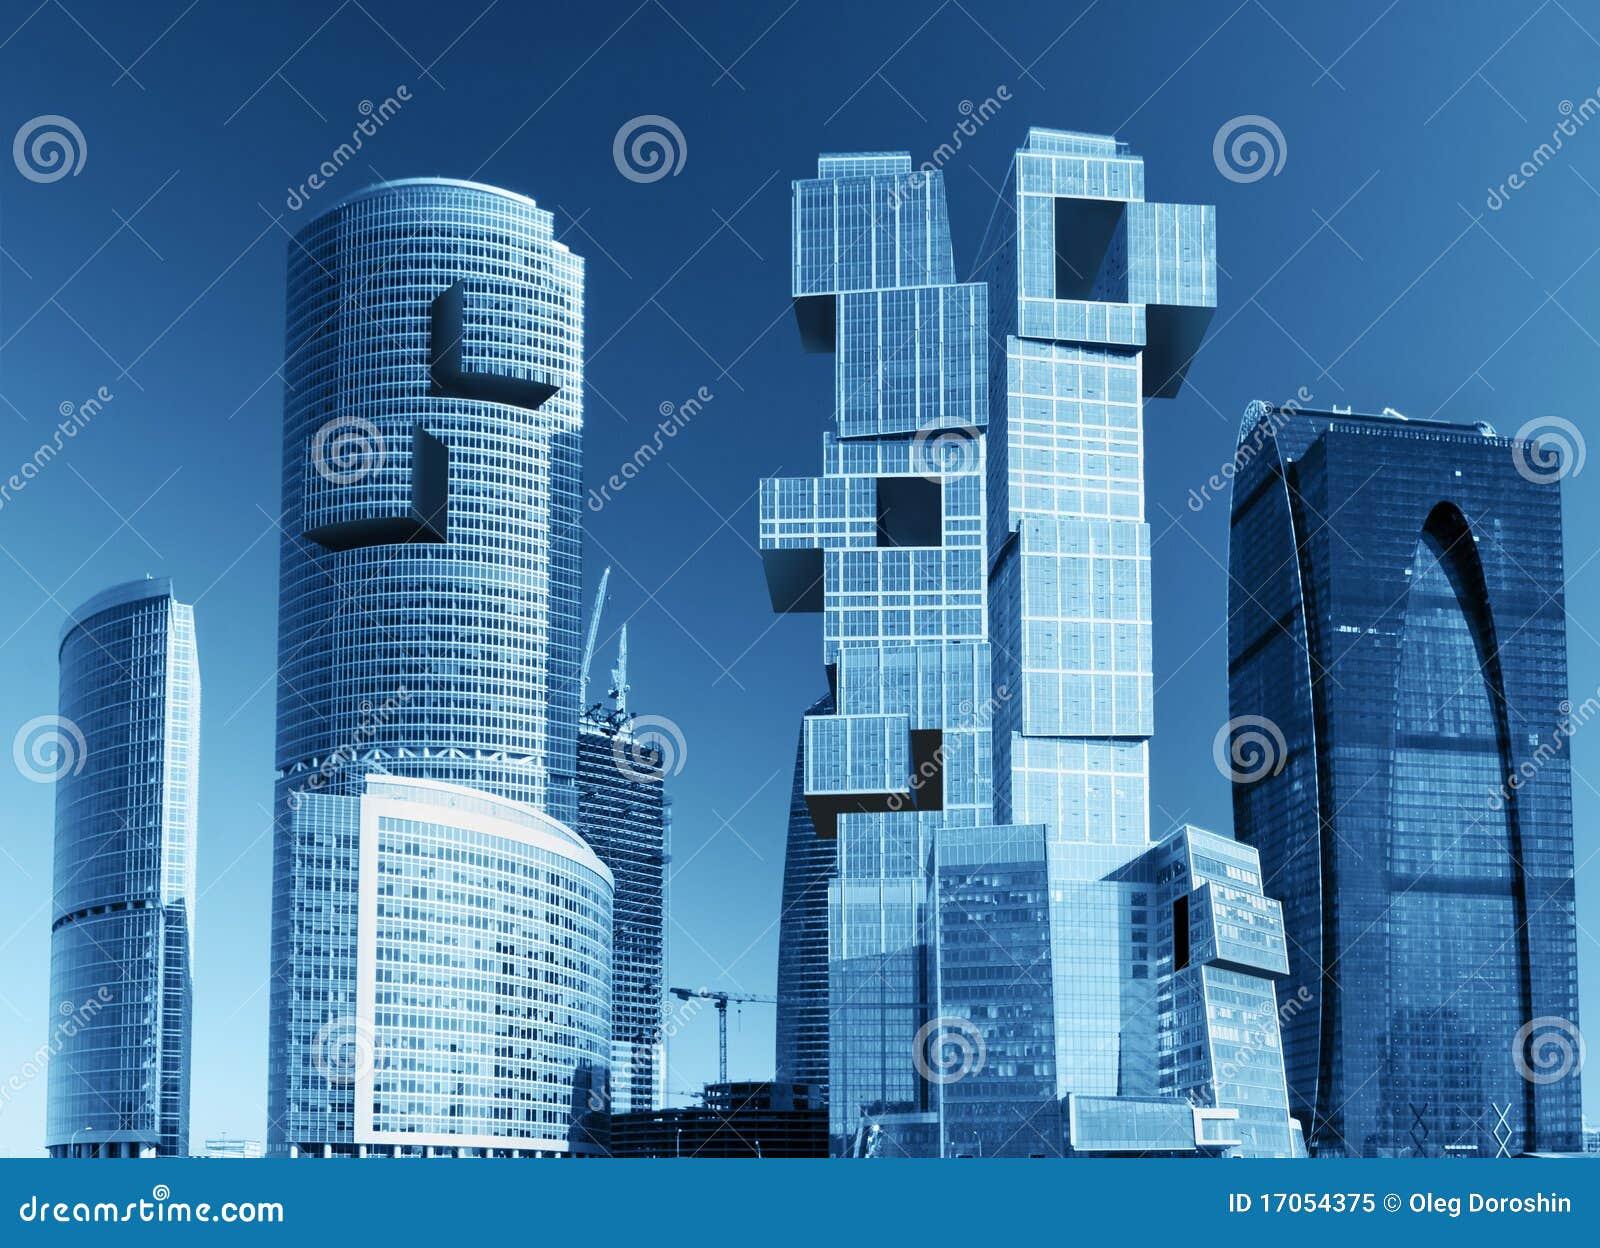 αφαίρεση αρχιτεκτονική